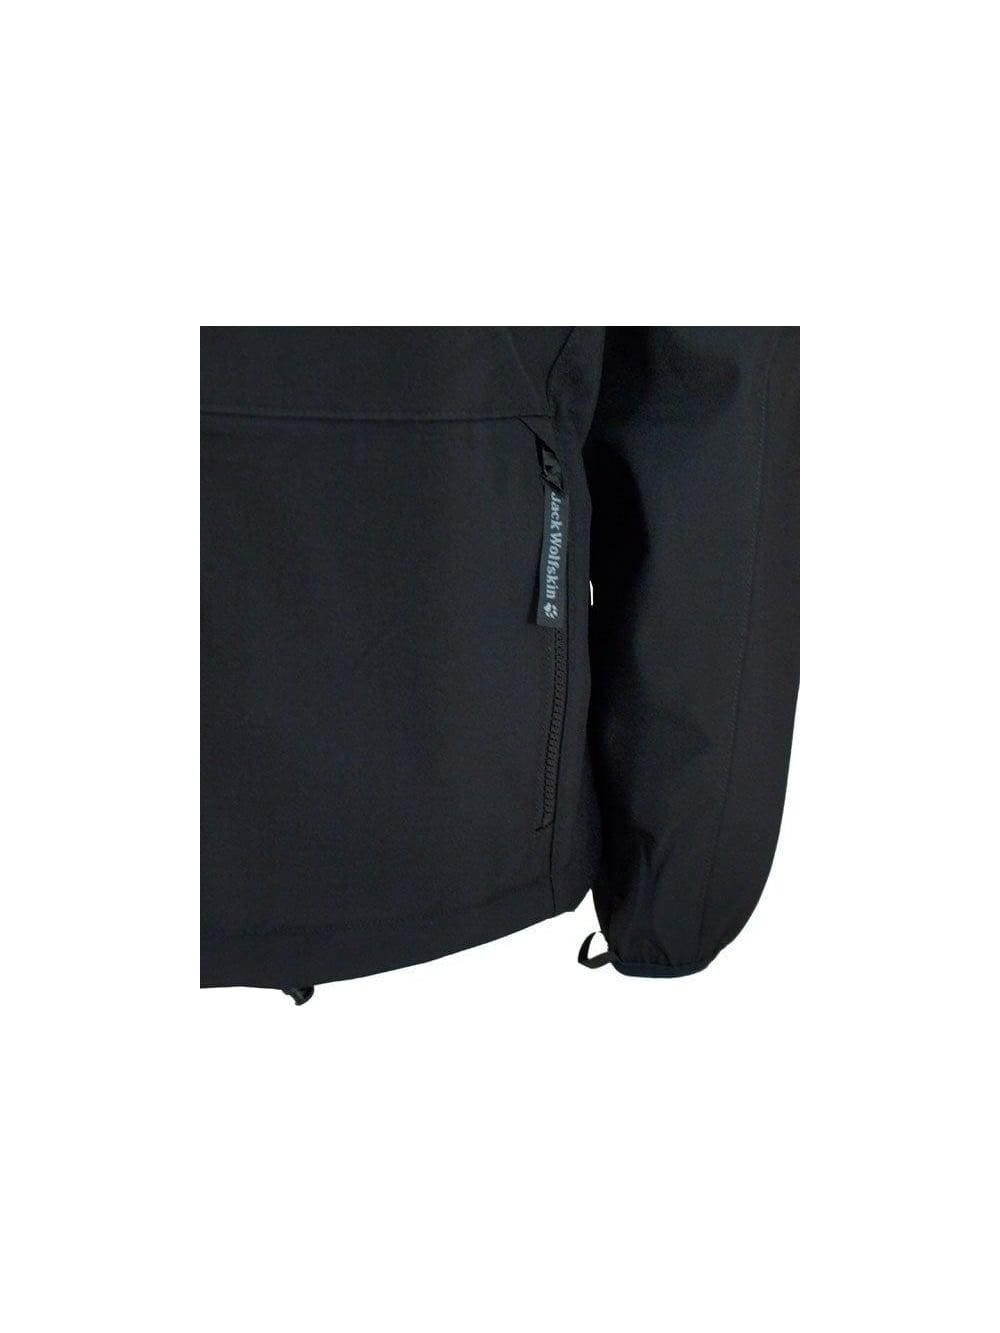 sale Leistungssportbekleidung sehen Icedancer Jacket - Black